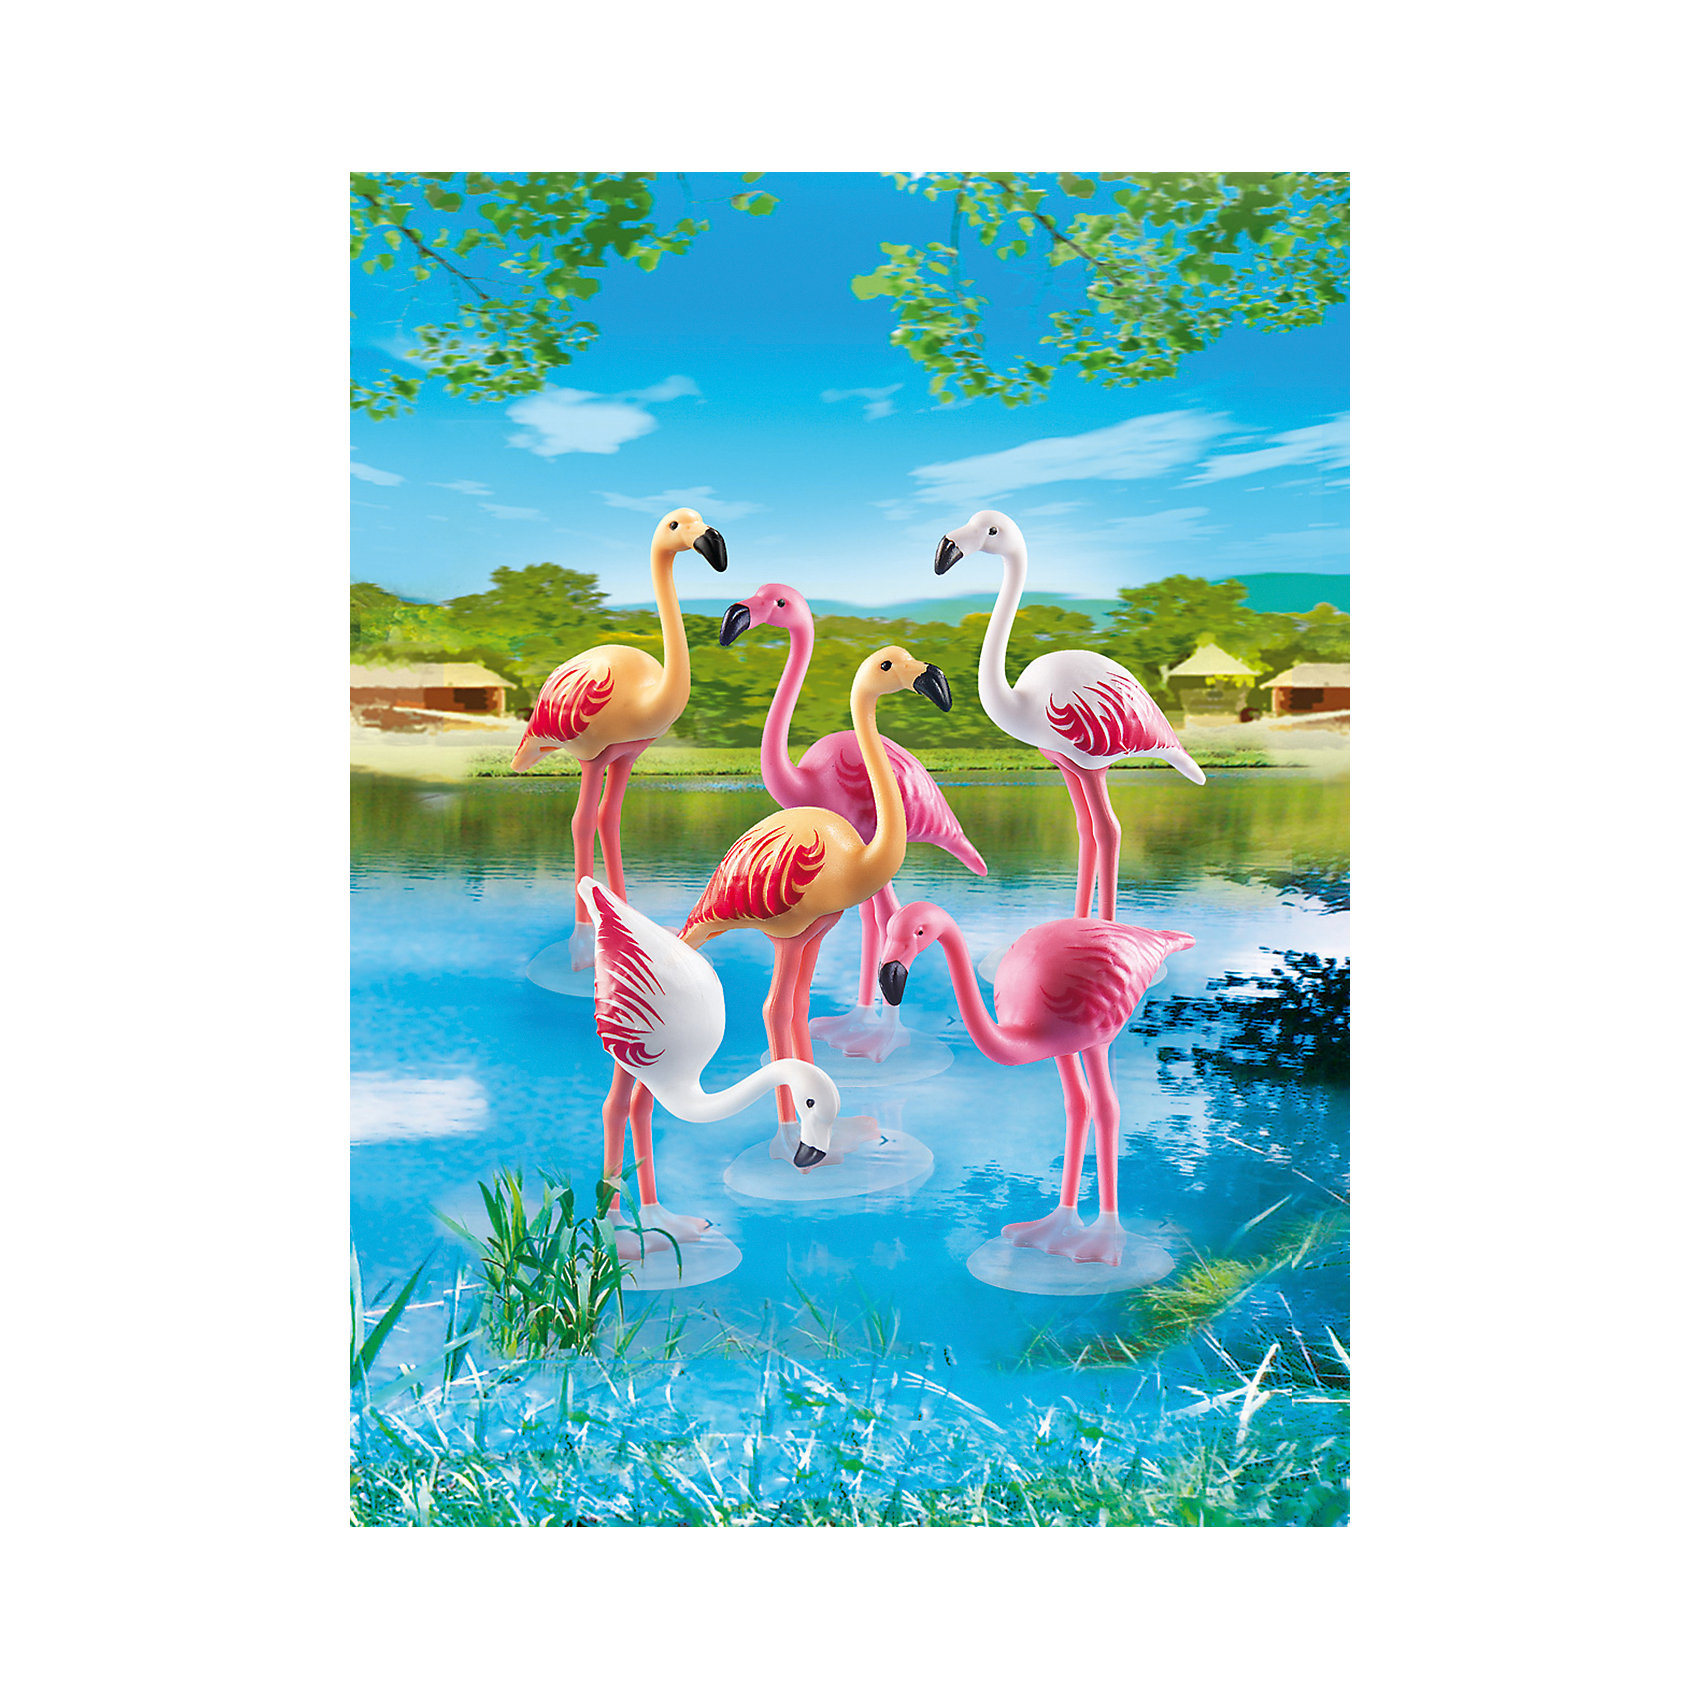 PLAYMOBIL® Зоопарк: Стая Фламинго, PLAYMOBIL playmobil® зоопарк носорог с носорожком playmobil